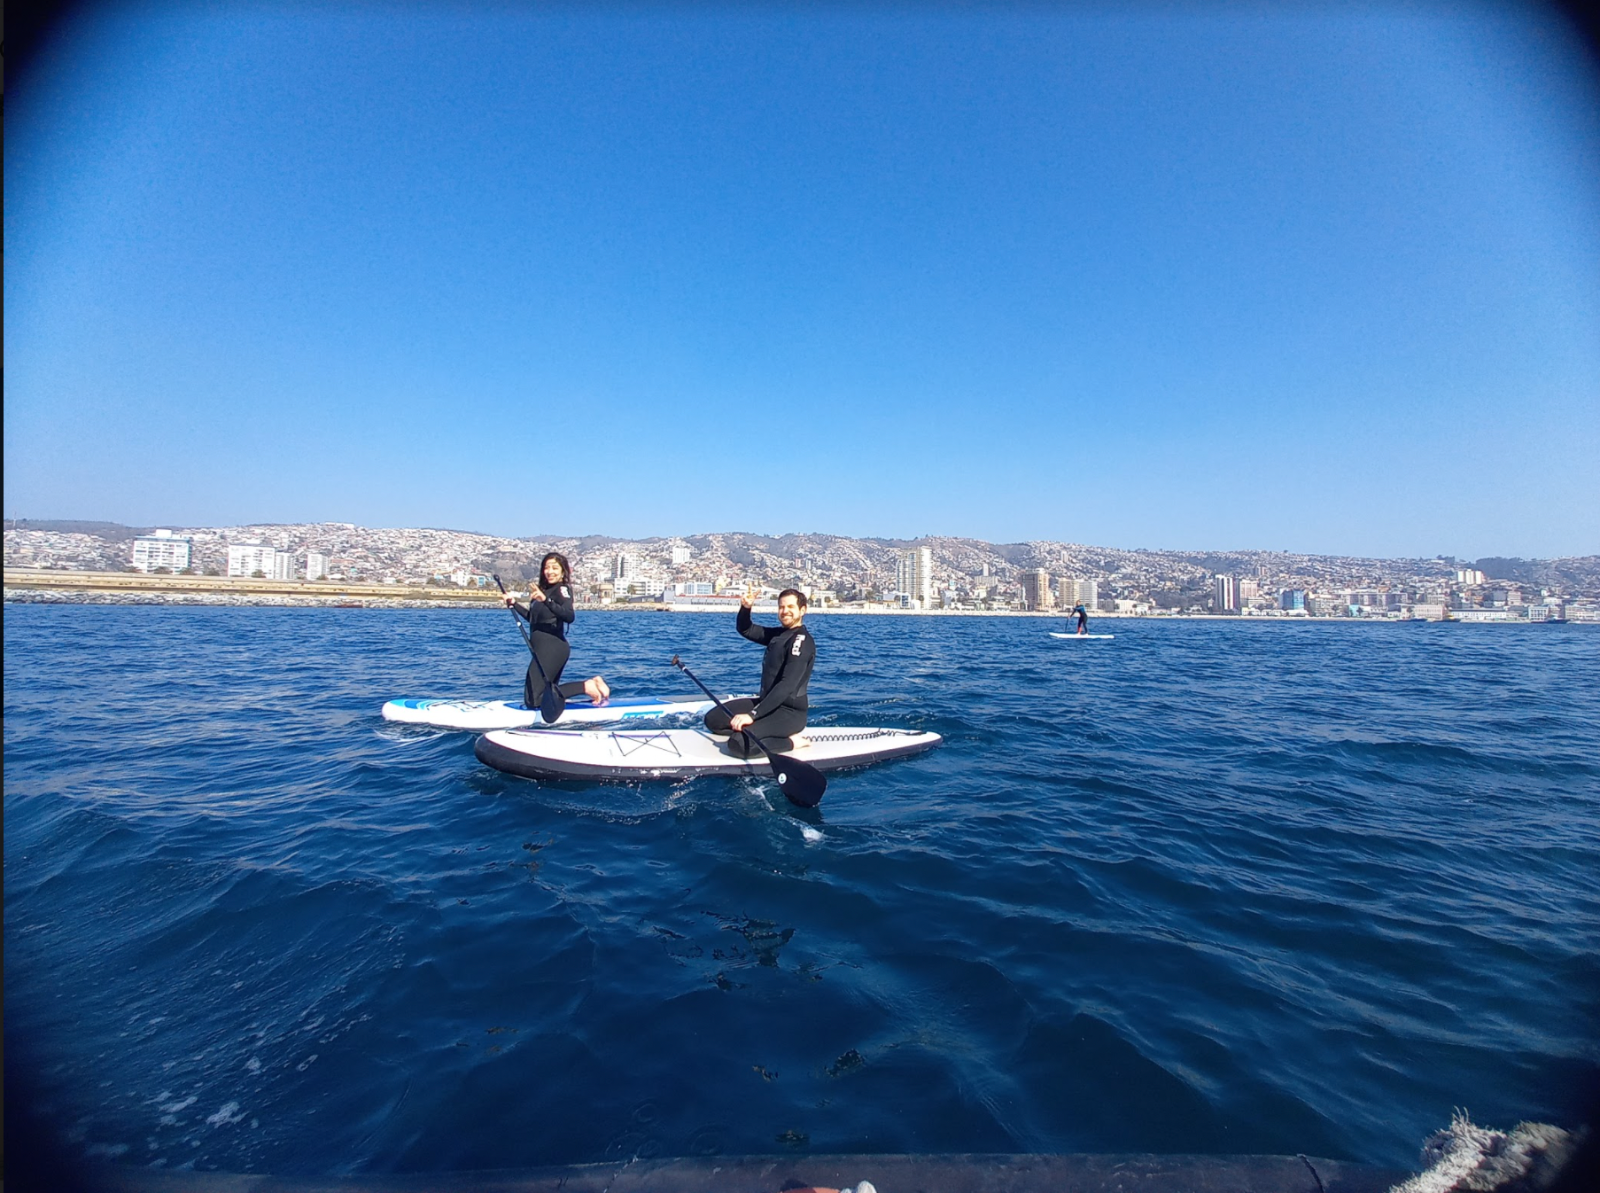 Mensualidad de Stand-Up Paddle en Valparaíso